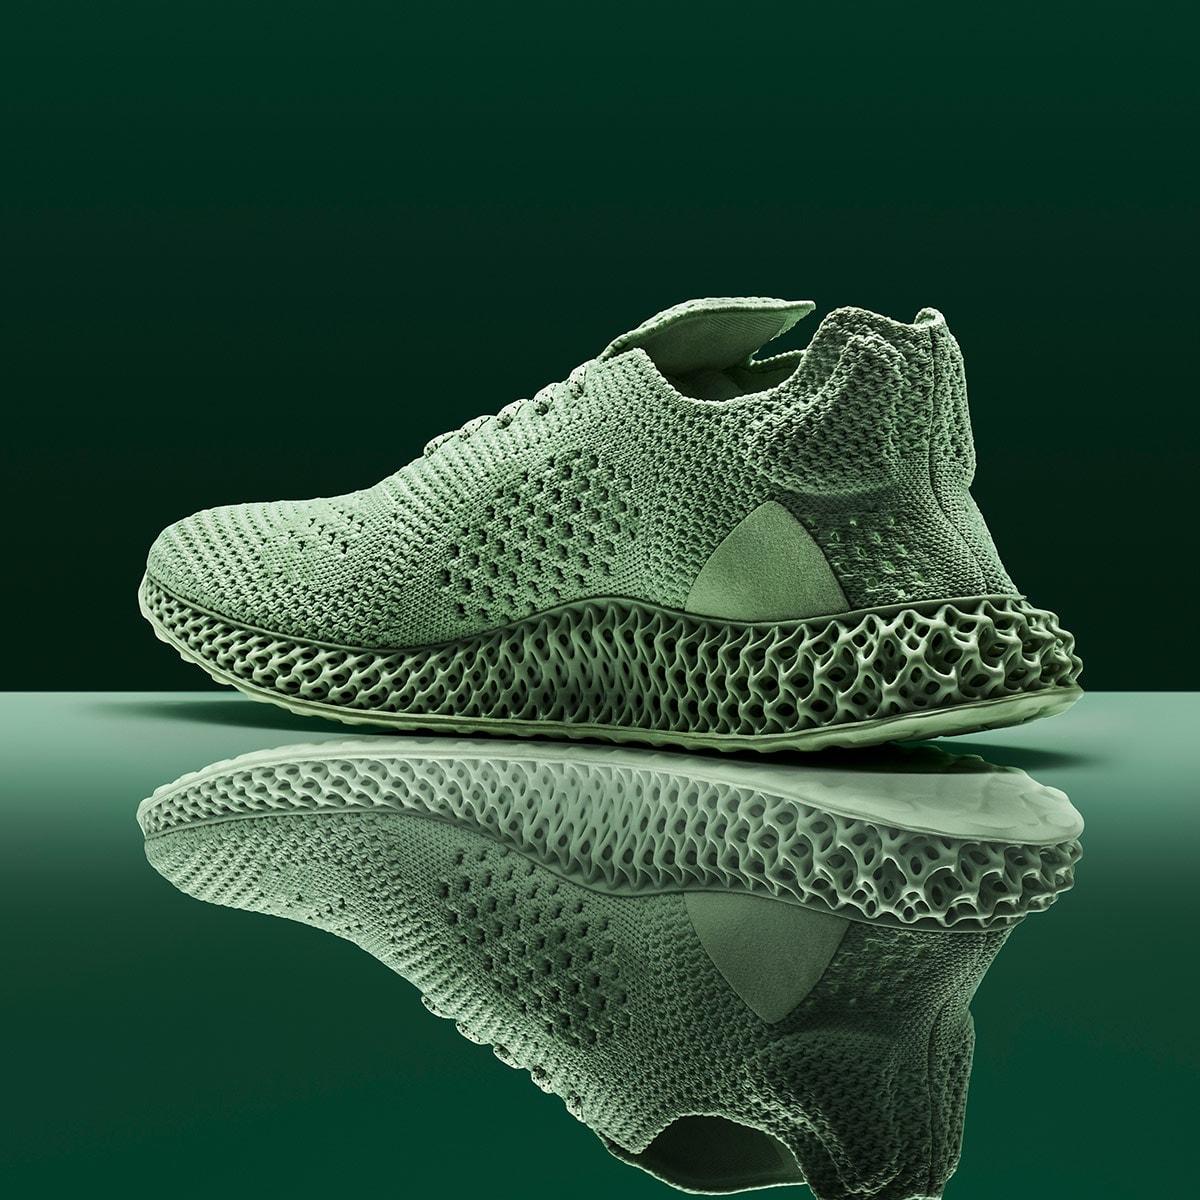 check out 9d094 1560e Adidas Consortium x Daniel Arsham Future Runner 4D (Aero Green)